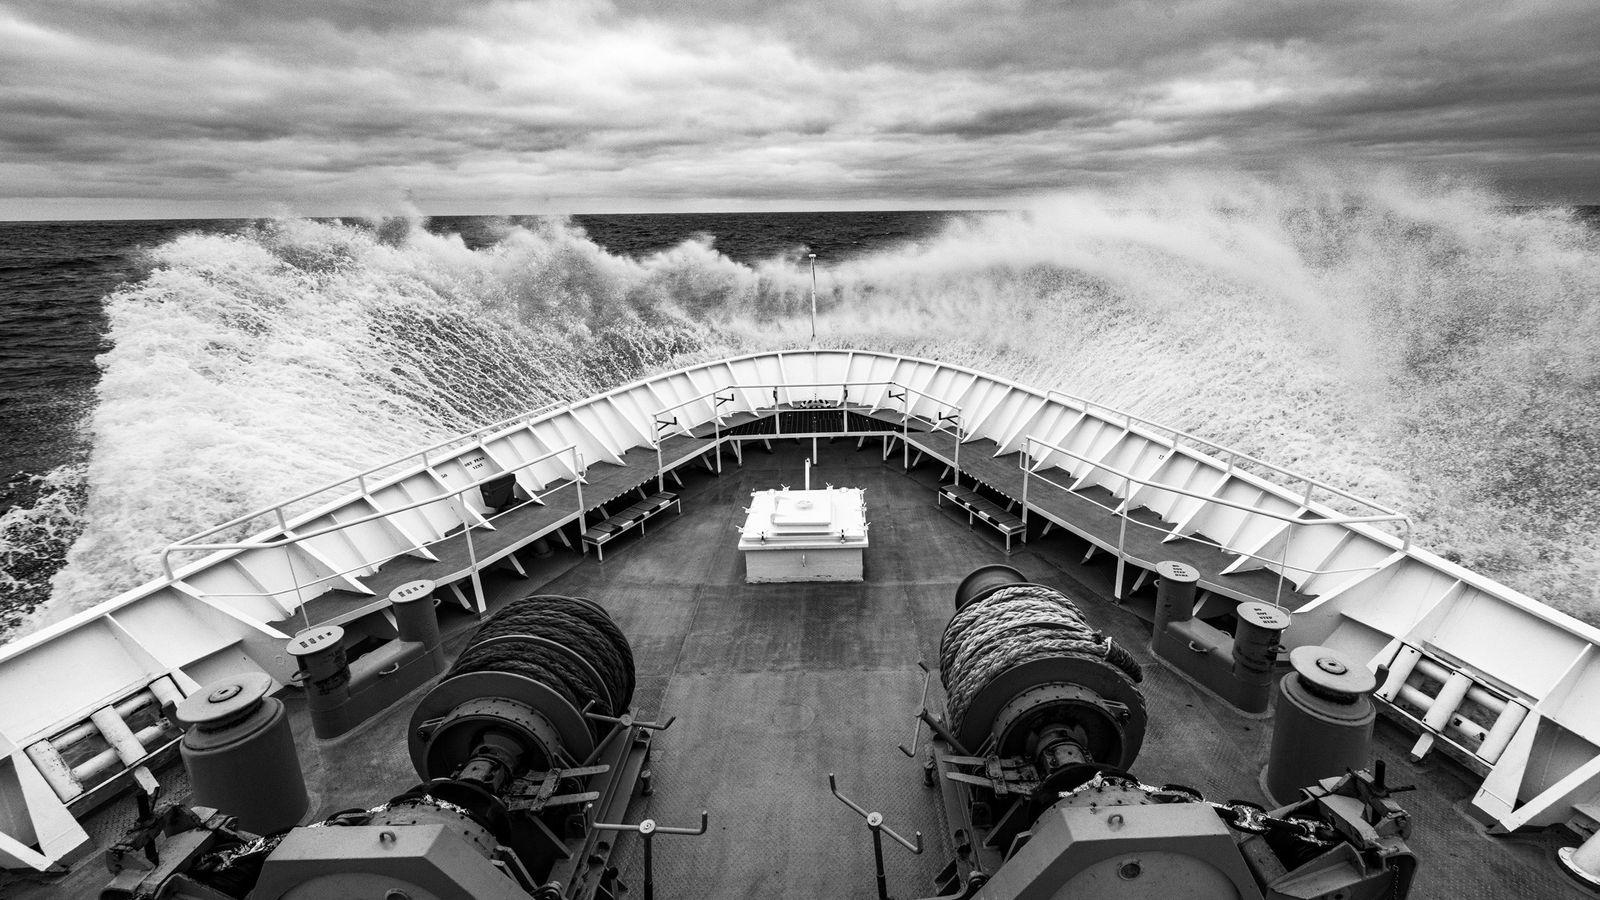 O navio National Geographic Explorer atravessa as águas geladas do oceano a caminho da Ilha Geórgia ...